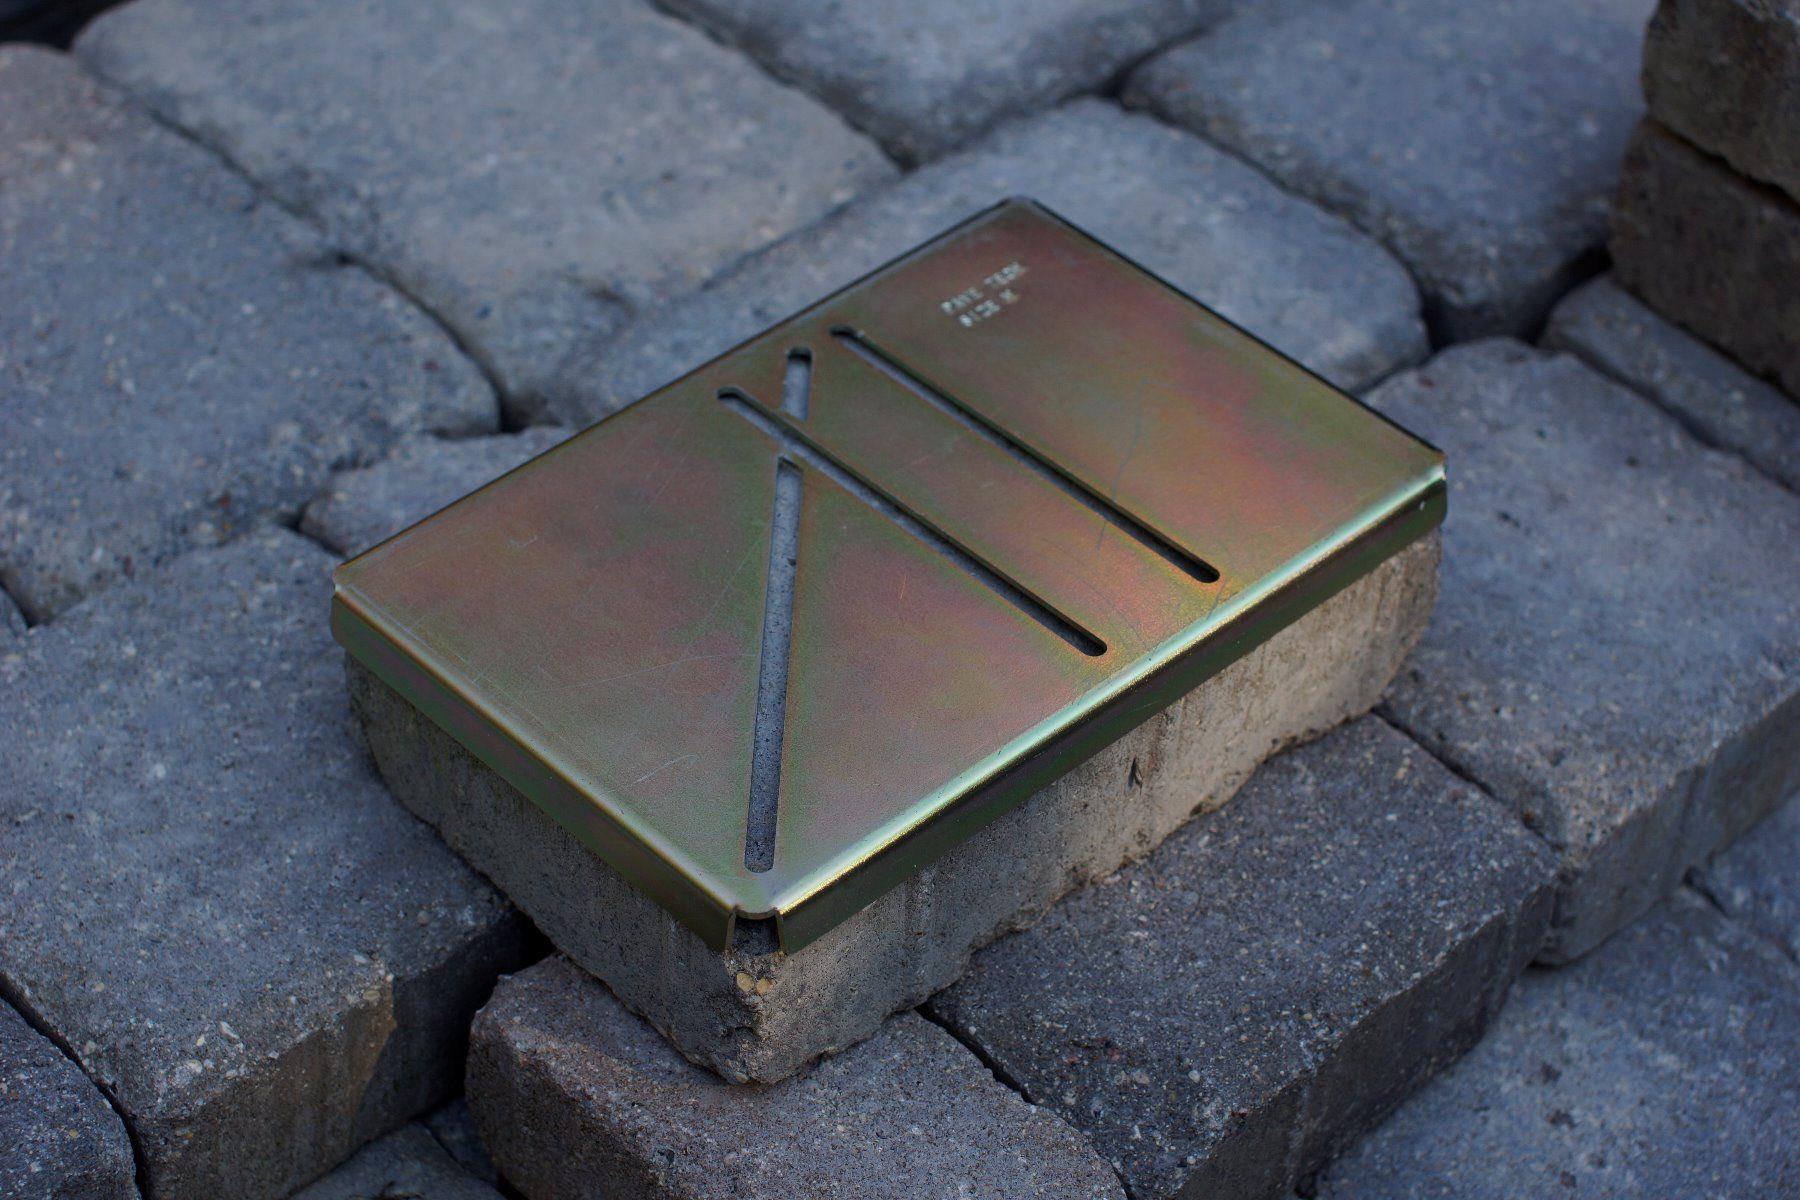 6 x 9 x 45 TemplateMARKER-G 5.75 x 9.33 in (147 x 237 mm)